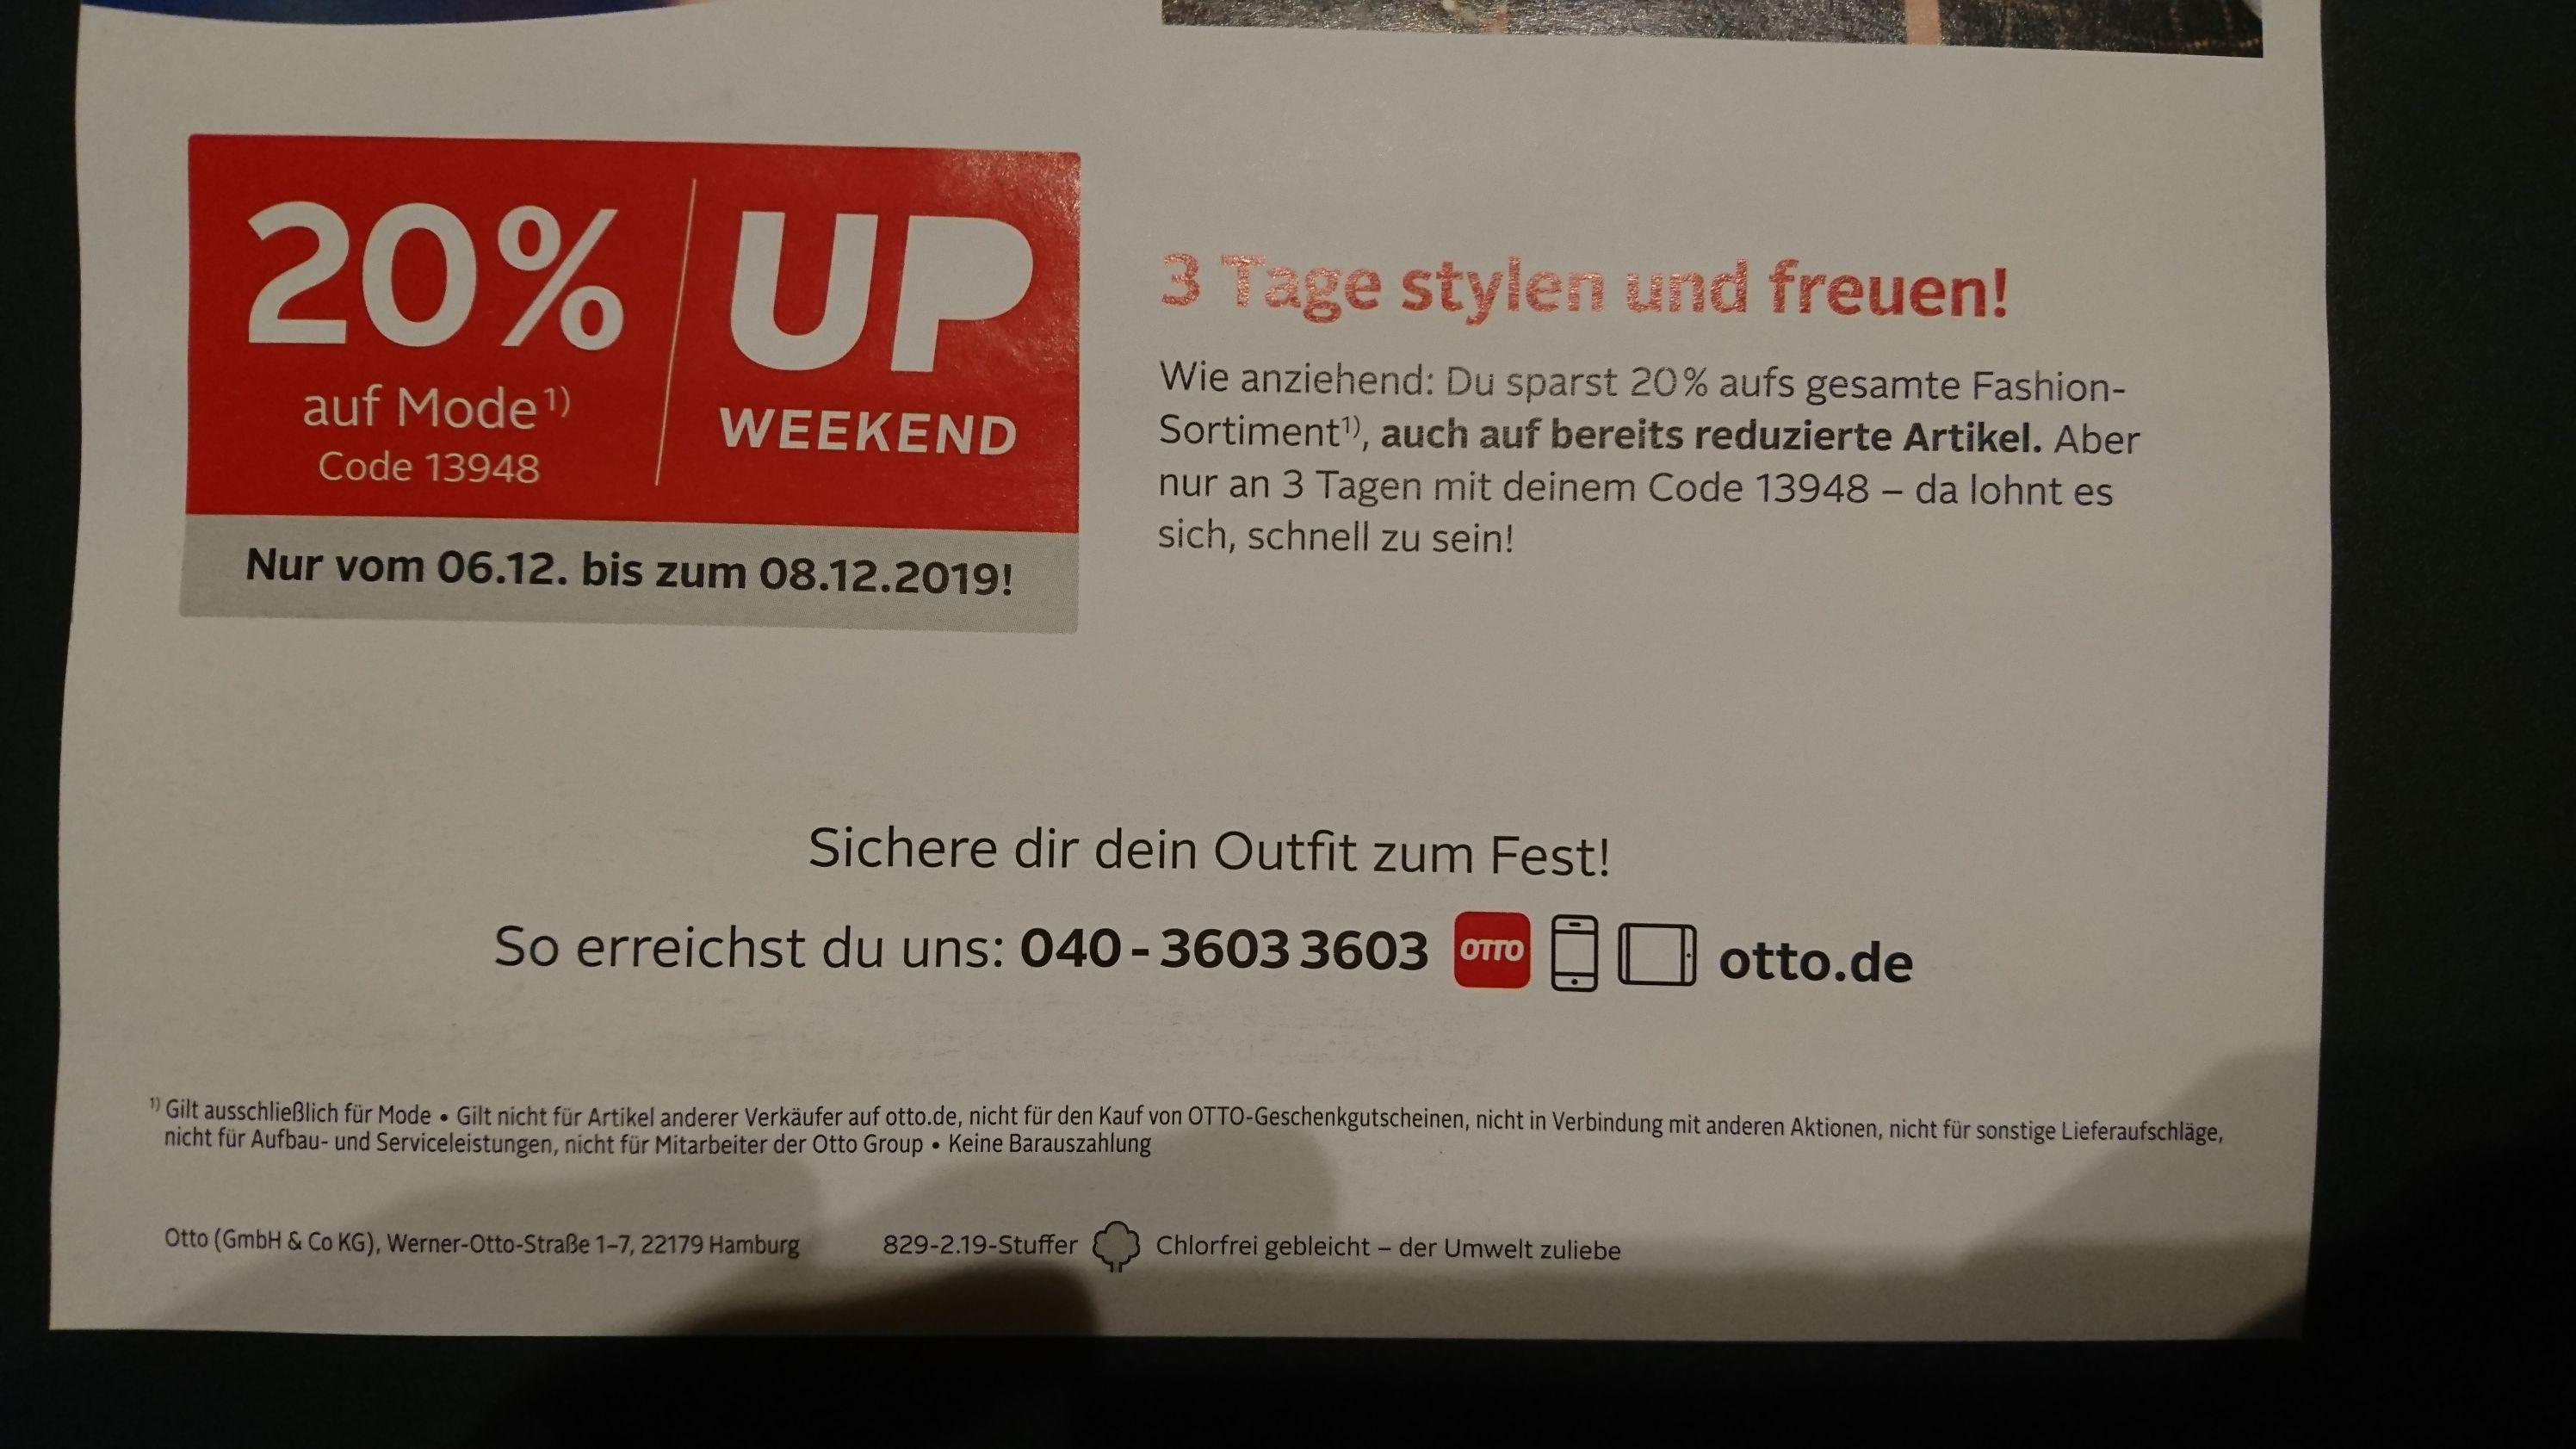 Versandkostenfrei 20% auf Mode bei Otto (auch Bestandskunden)